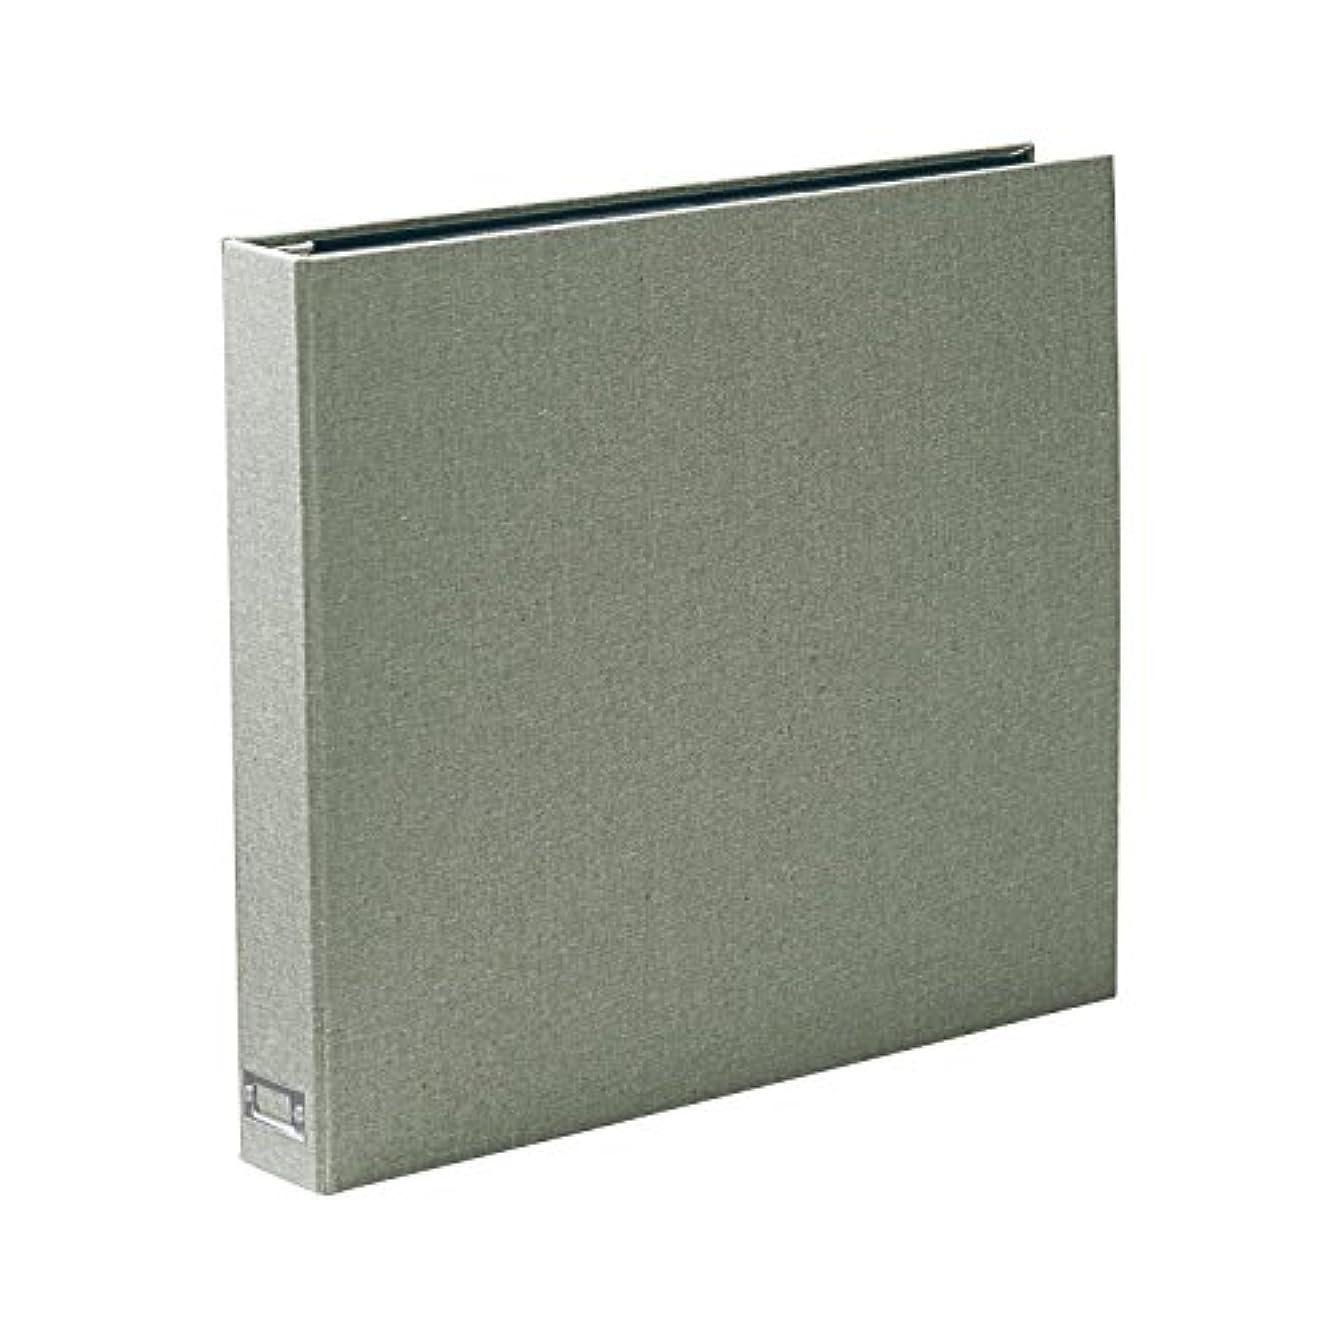 パイルビクターぎこちない[ベルメゾン] アルバム 大容量 600枚 ポケット式 布 表紙 写真入れ はがき収納 黒台紙 生地張り表紙 グリーン